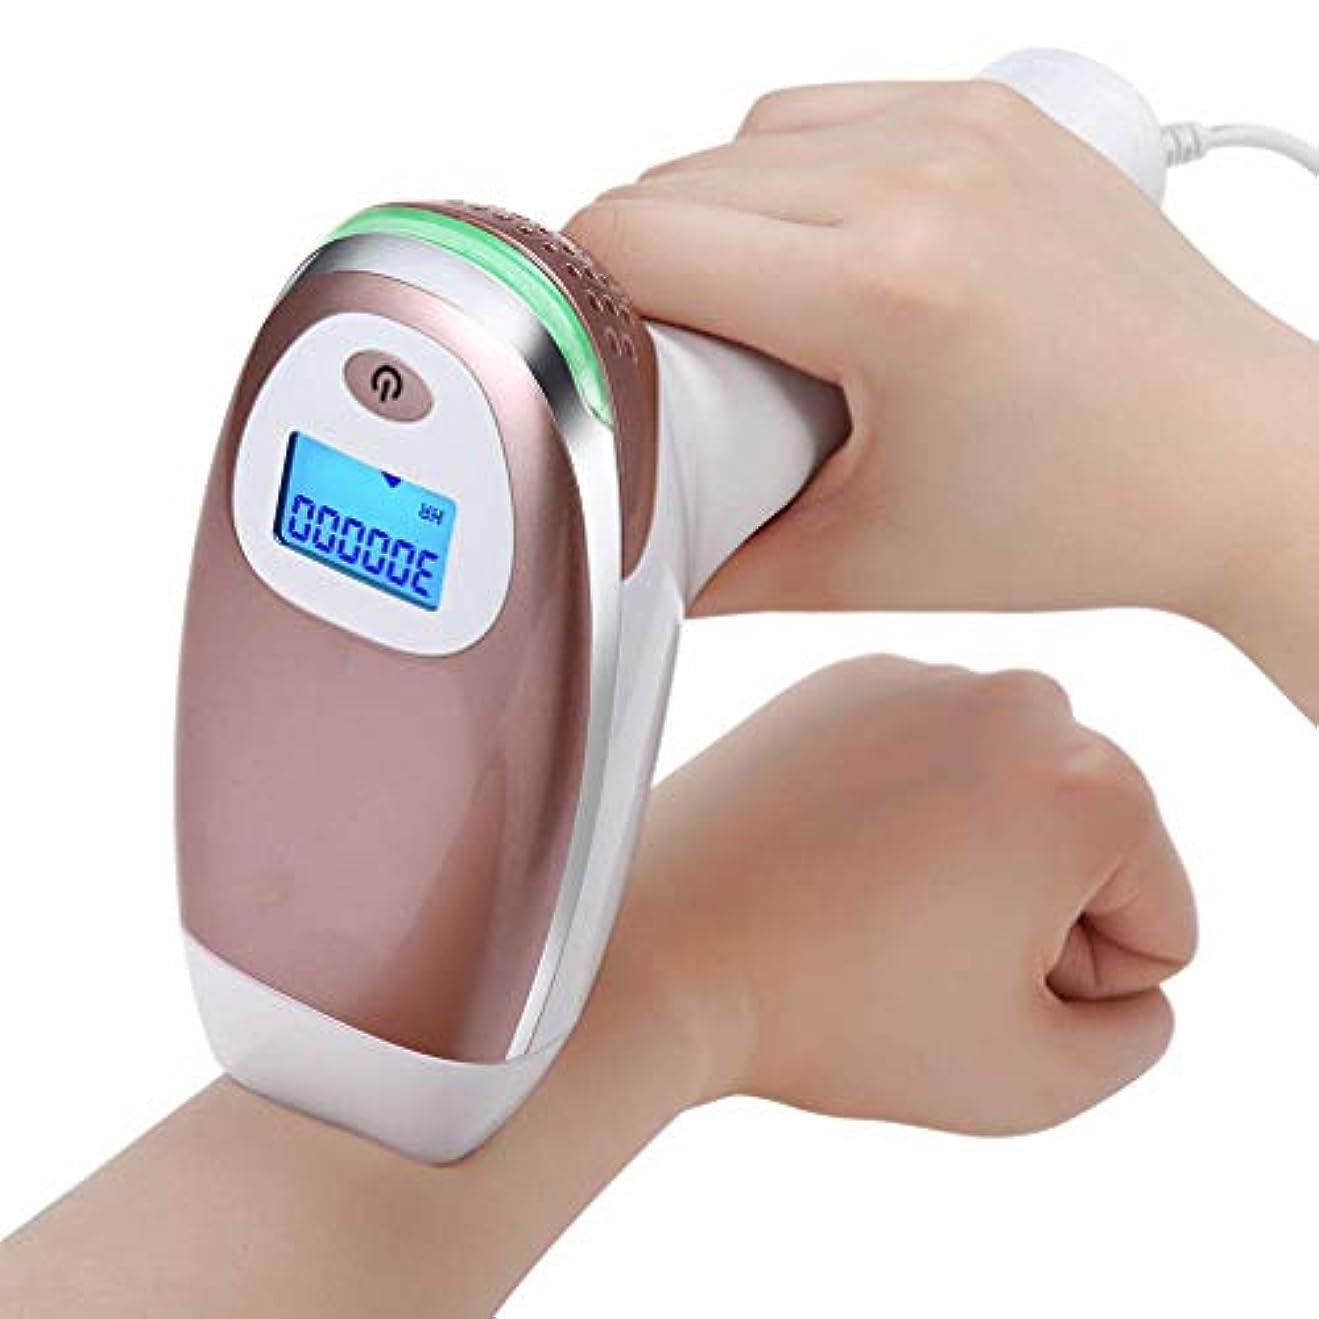 豆ランドリー抽象化痛みのないレーザー脱毛装置 - 体、顔、脇の下、ビキニラインのためのLCDスクリーン付きIPL脱毛システム